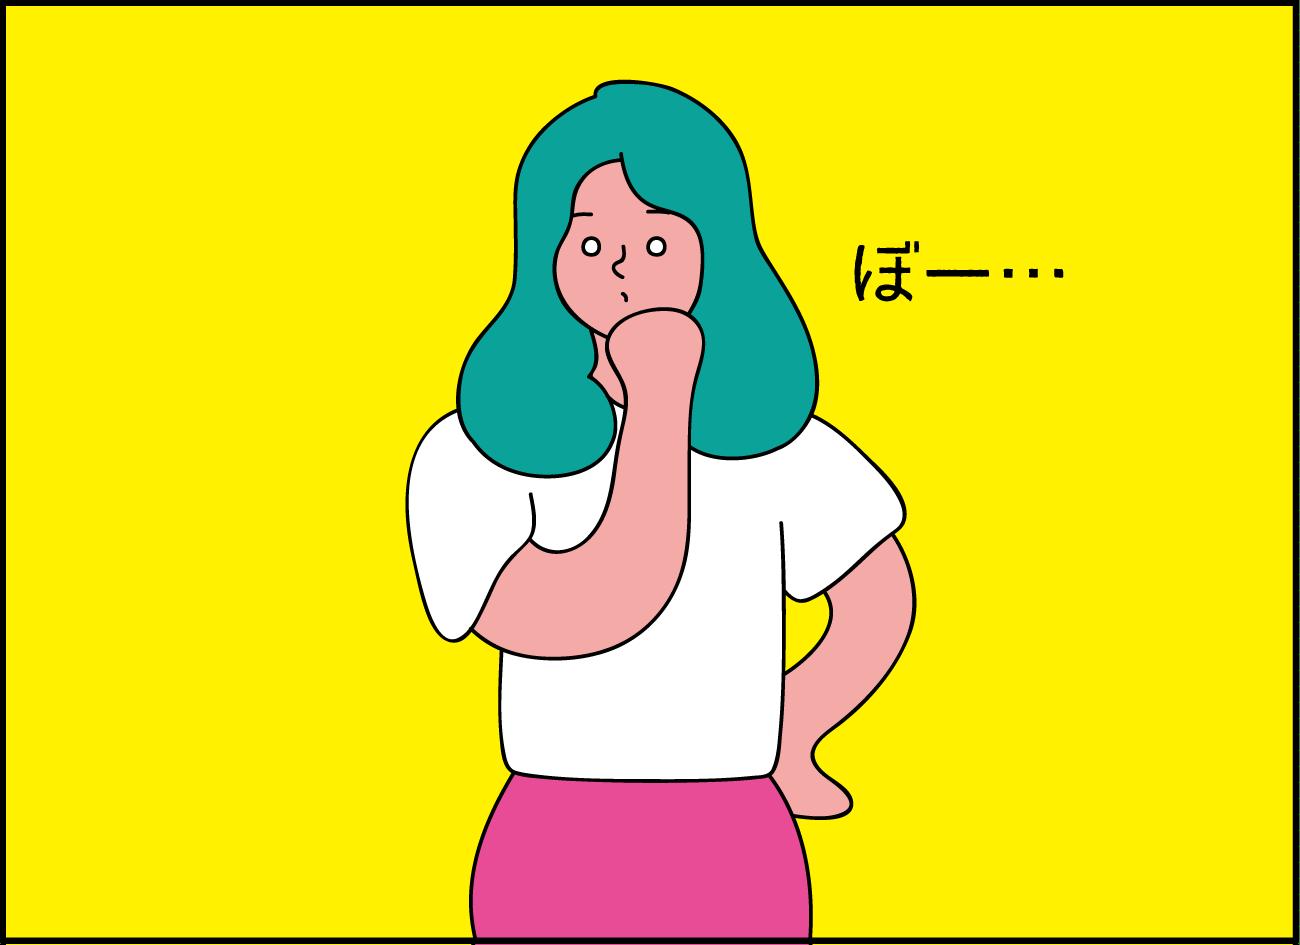 癒し【ほのぼの系Daily Comic/パグとわたし】